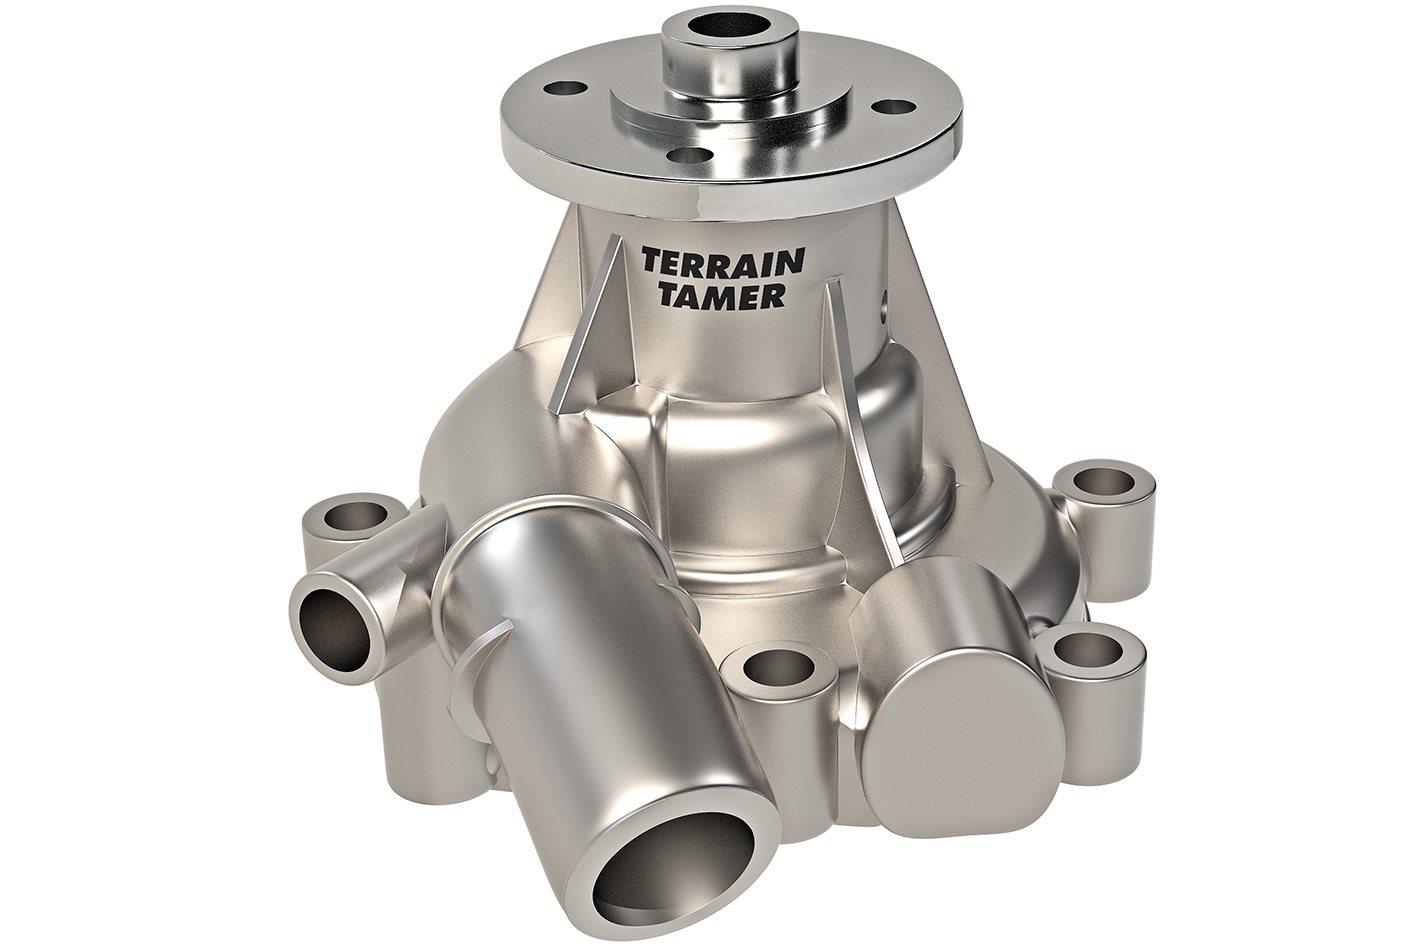 terrain tamer water pump